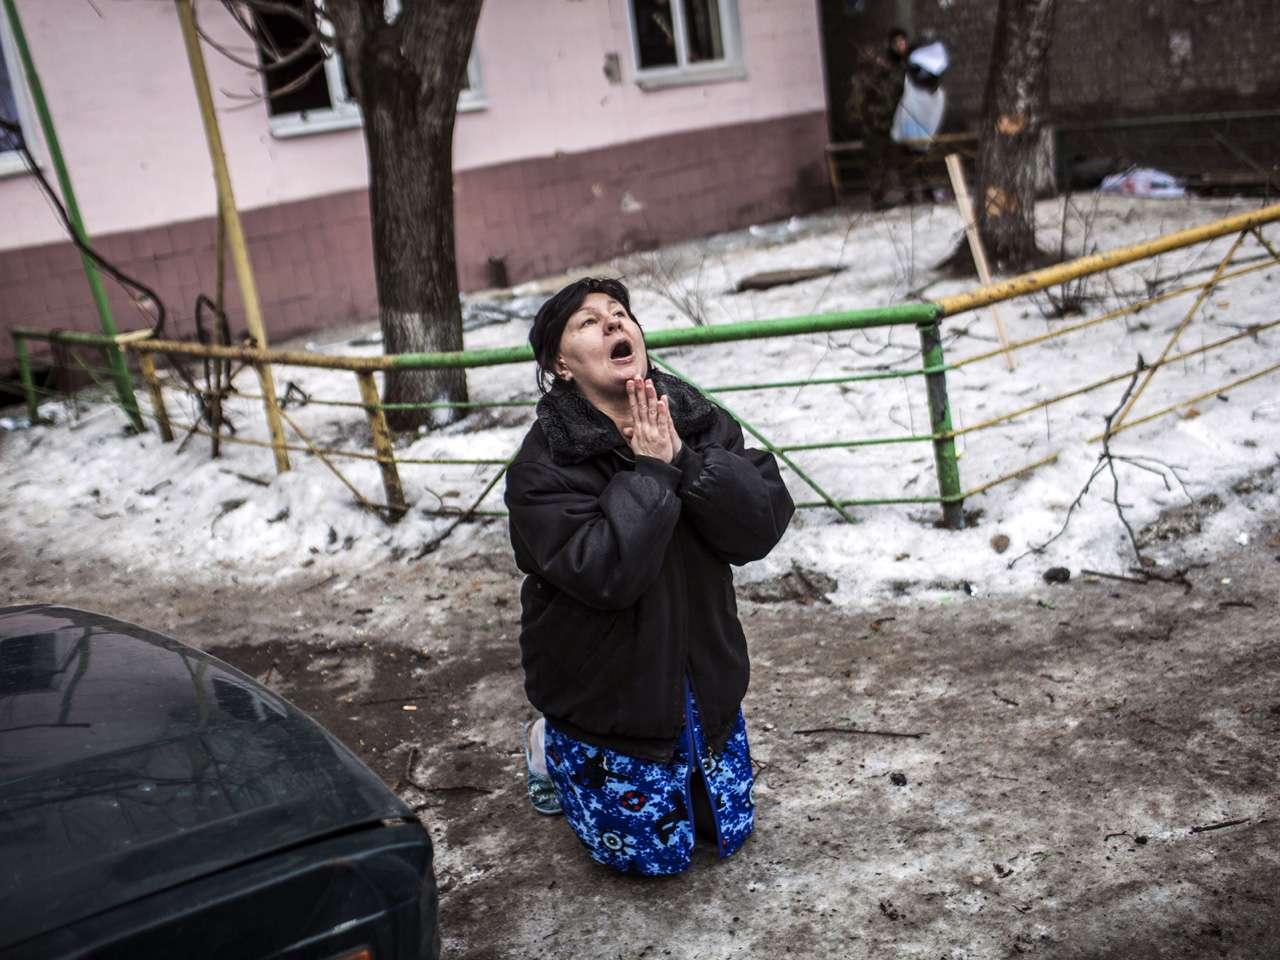 Una mujer ucraniana pide al presidente ucraniano, Petro Poroshenko, detener los bombardeos en Donetsk después de proyectil cayó en la zona residencial donde vive, matando a dos civiles en el distrito Kyibishevsky. Foto: AFP en español